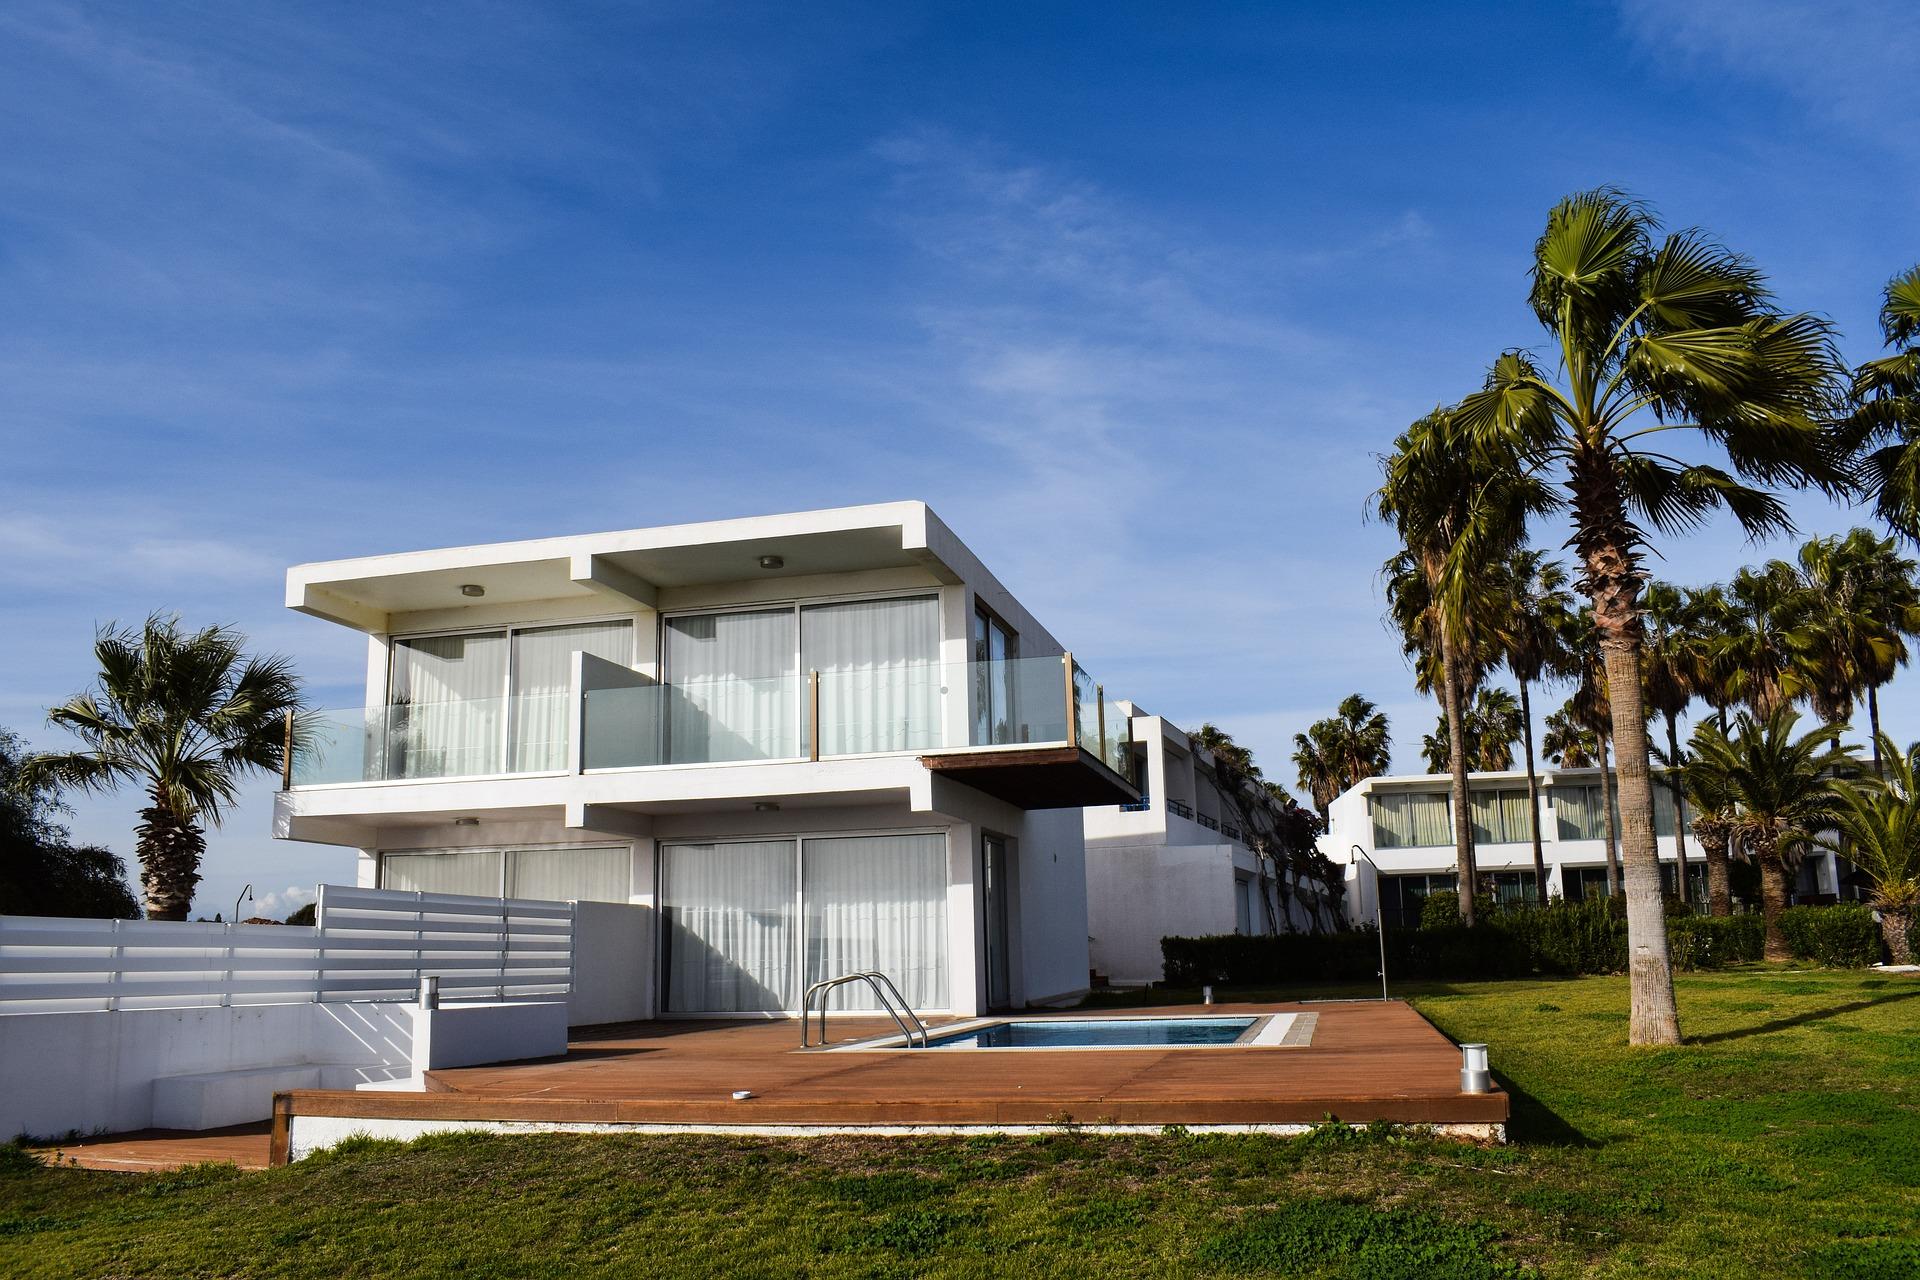 detached-villa-1956432_1920